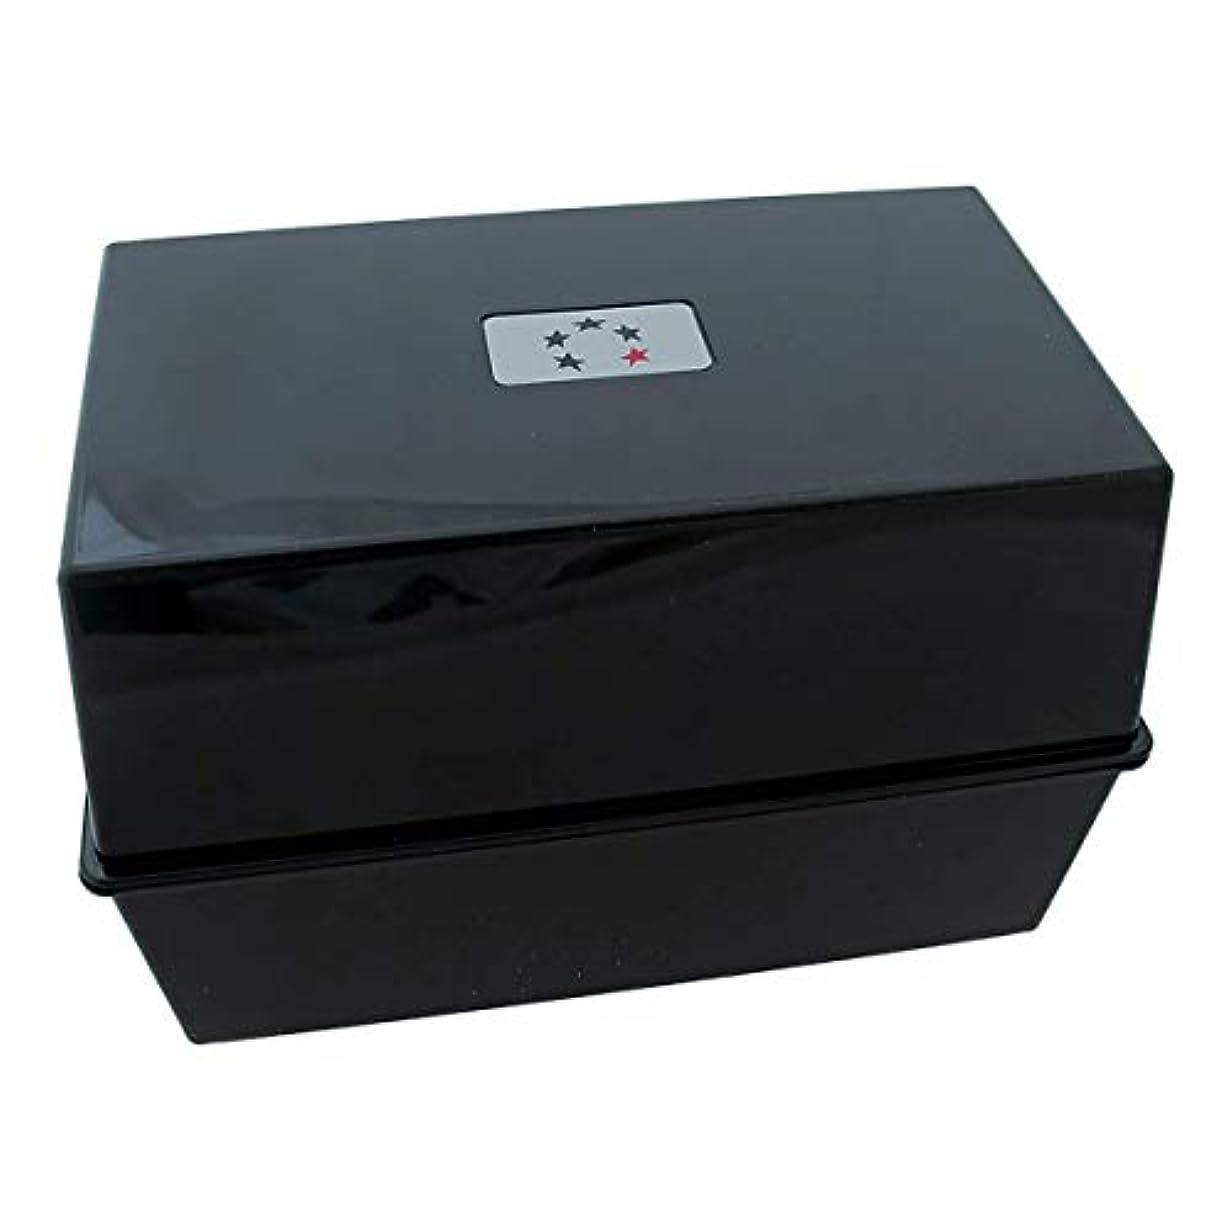 要件関税残りアジェンダ サロンコンセプト カードインデックスボックスブラック(A-Zカード含む)[海外直送品] [並行輸入品]